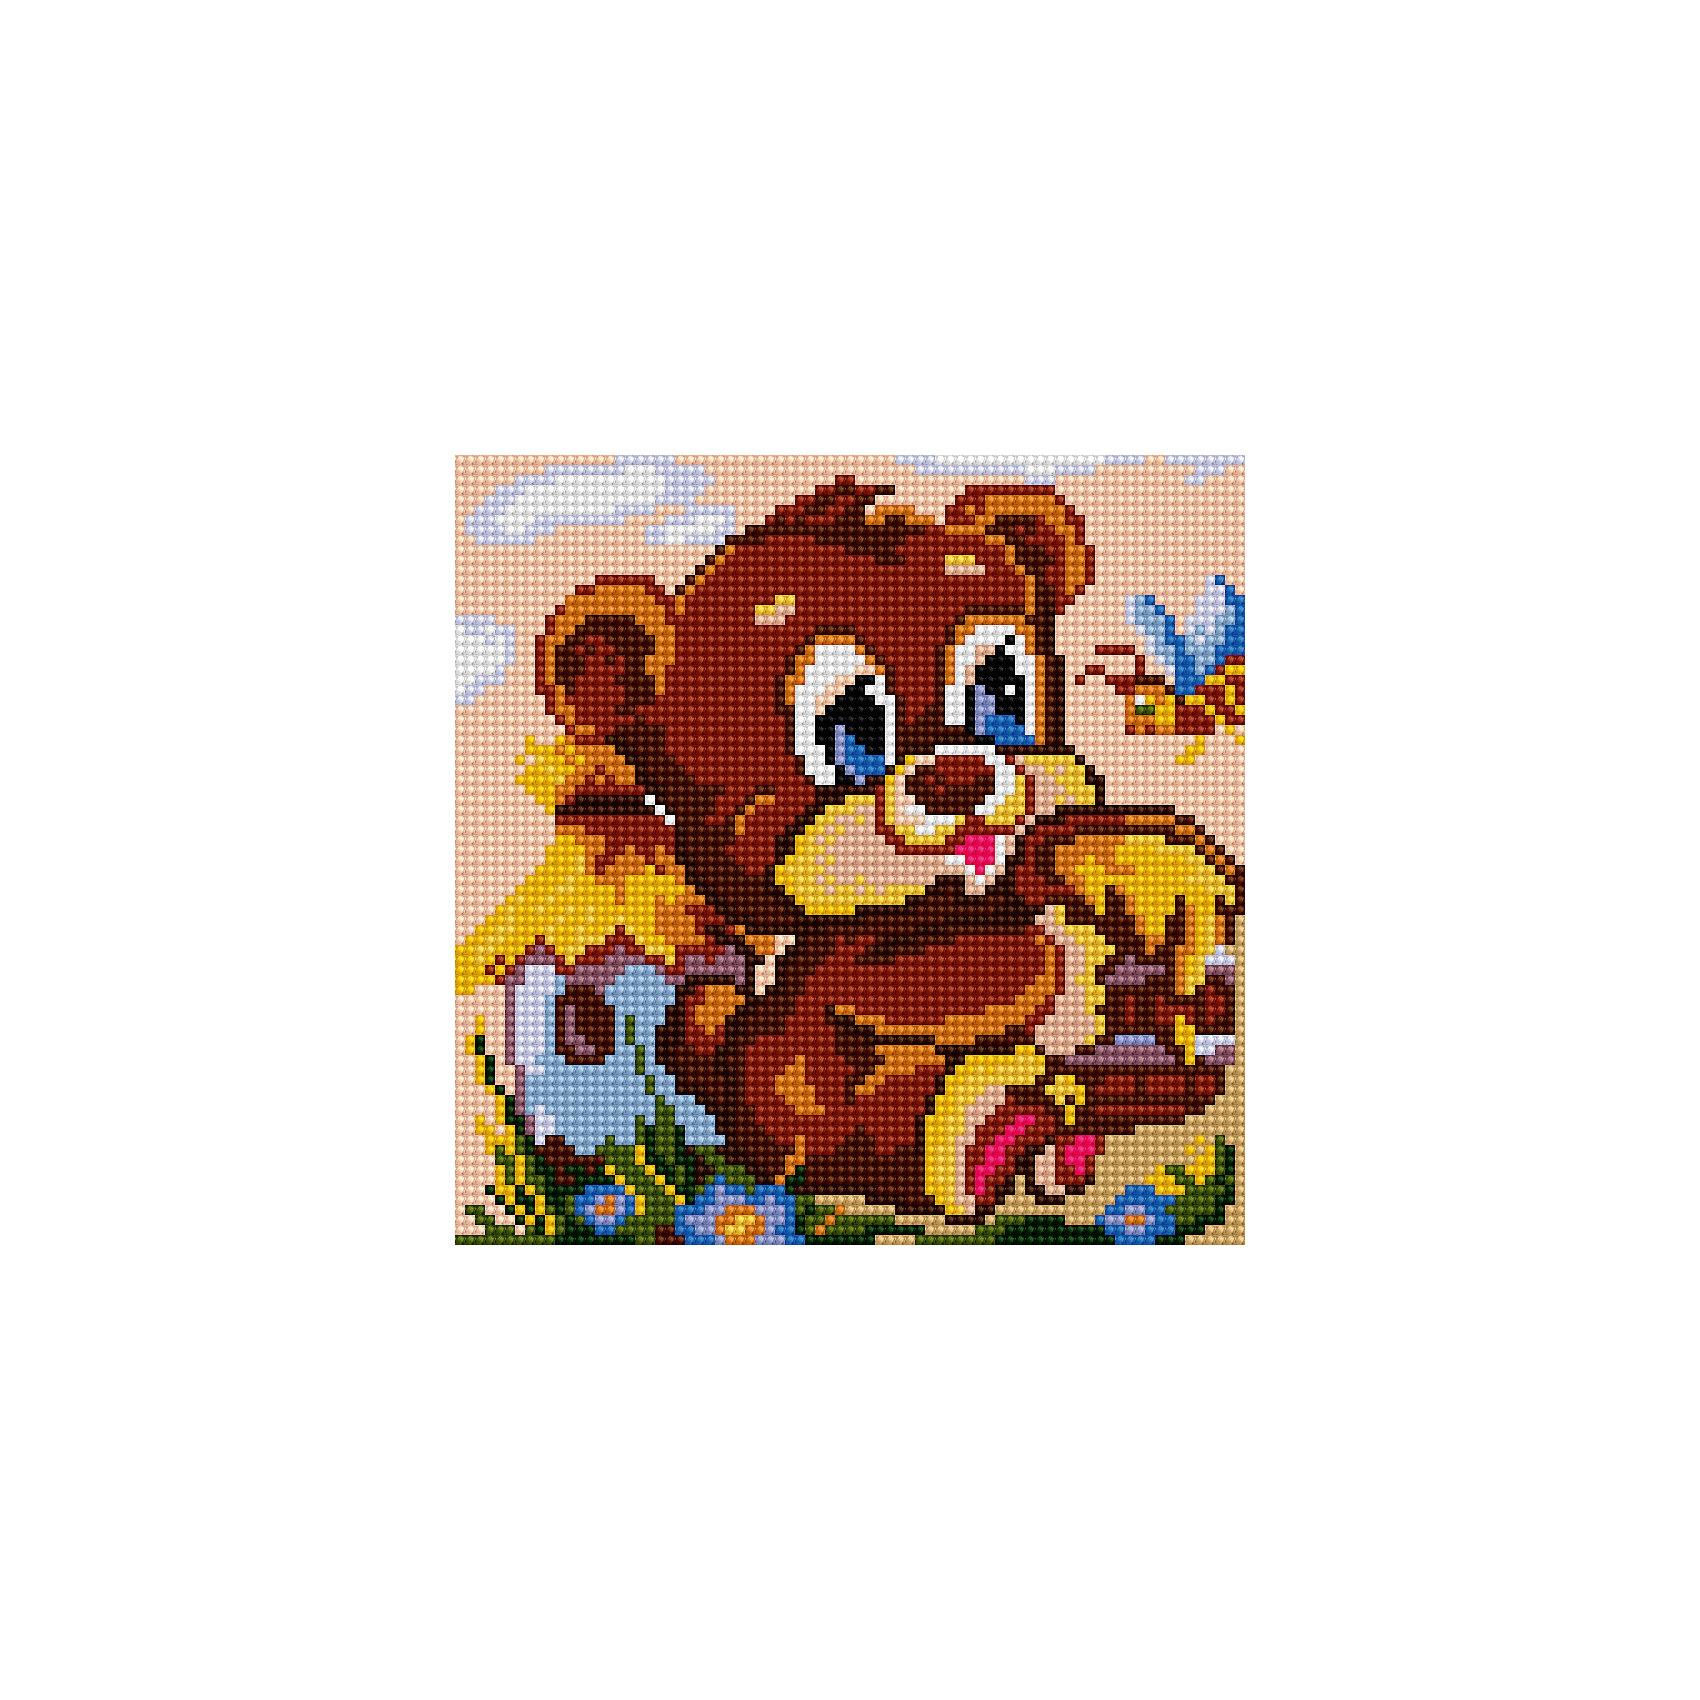 Schreiber Алмазная мозаика по номерами Медвежонок 20*20 см schreiber алмазная мозаика по номерами ежик 20 20 см